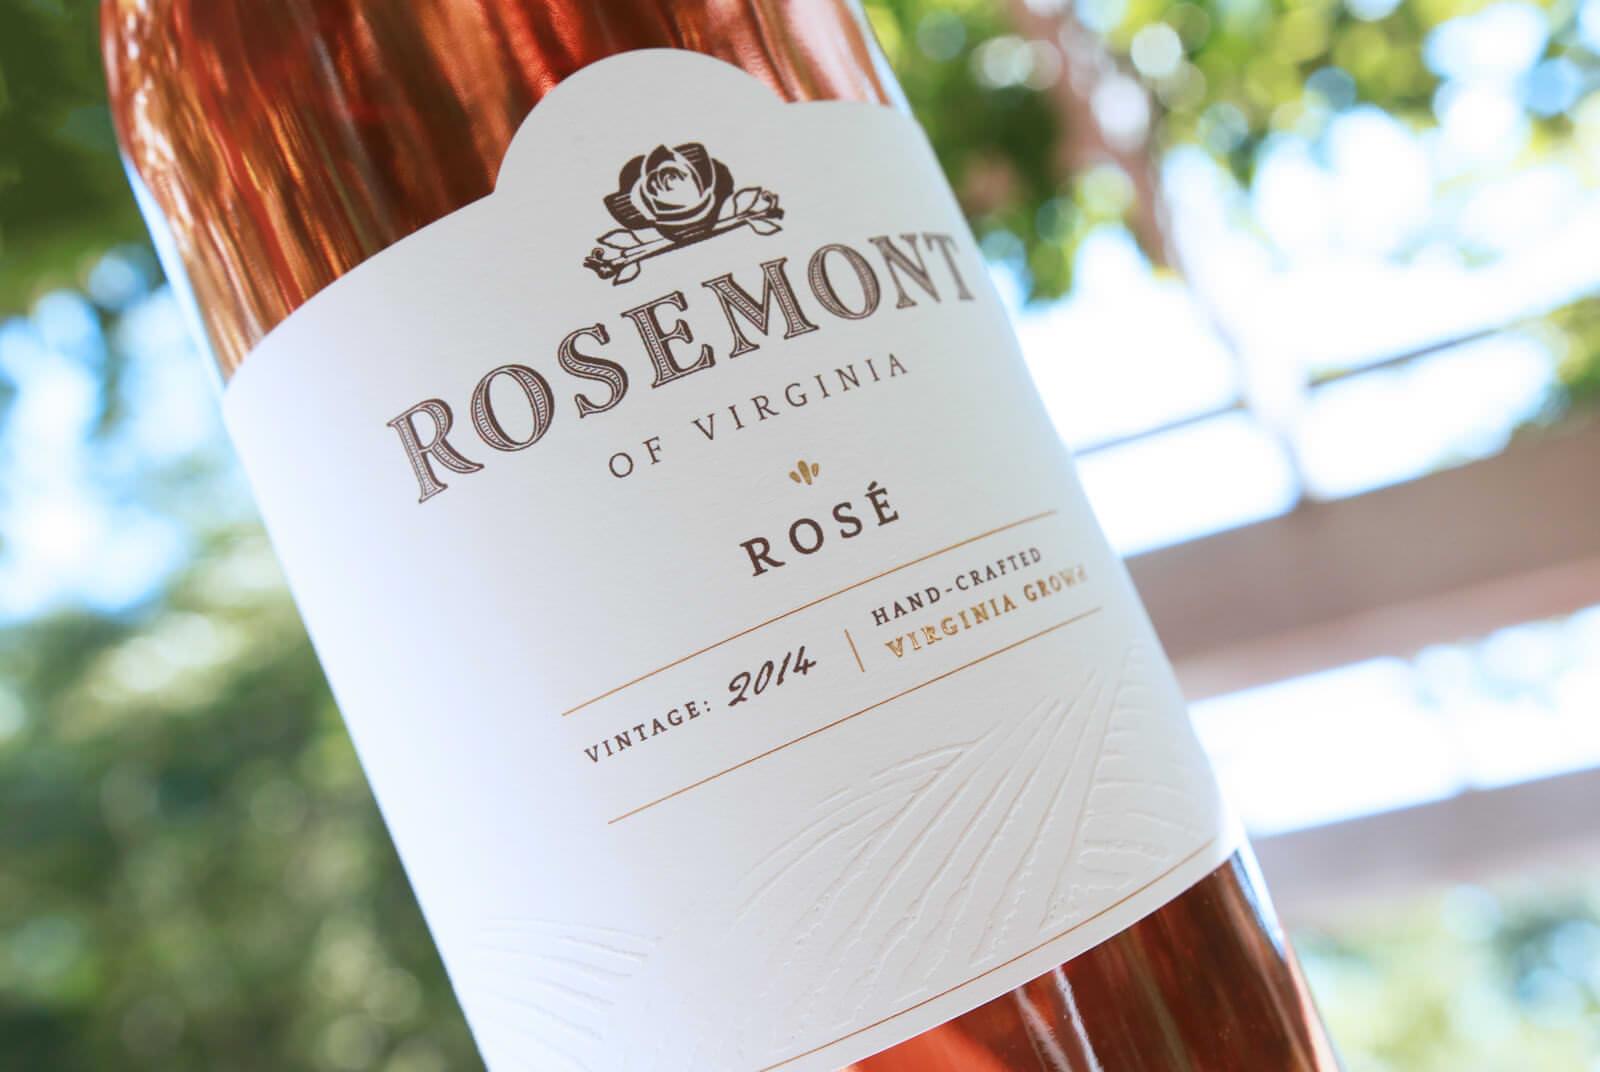 Image of wine label design for Rosemont Vineyards